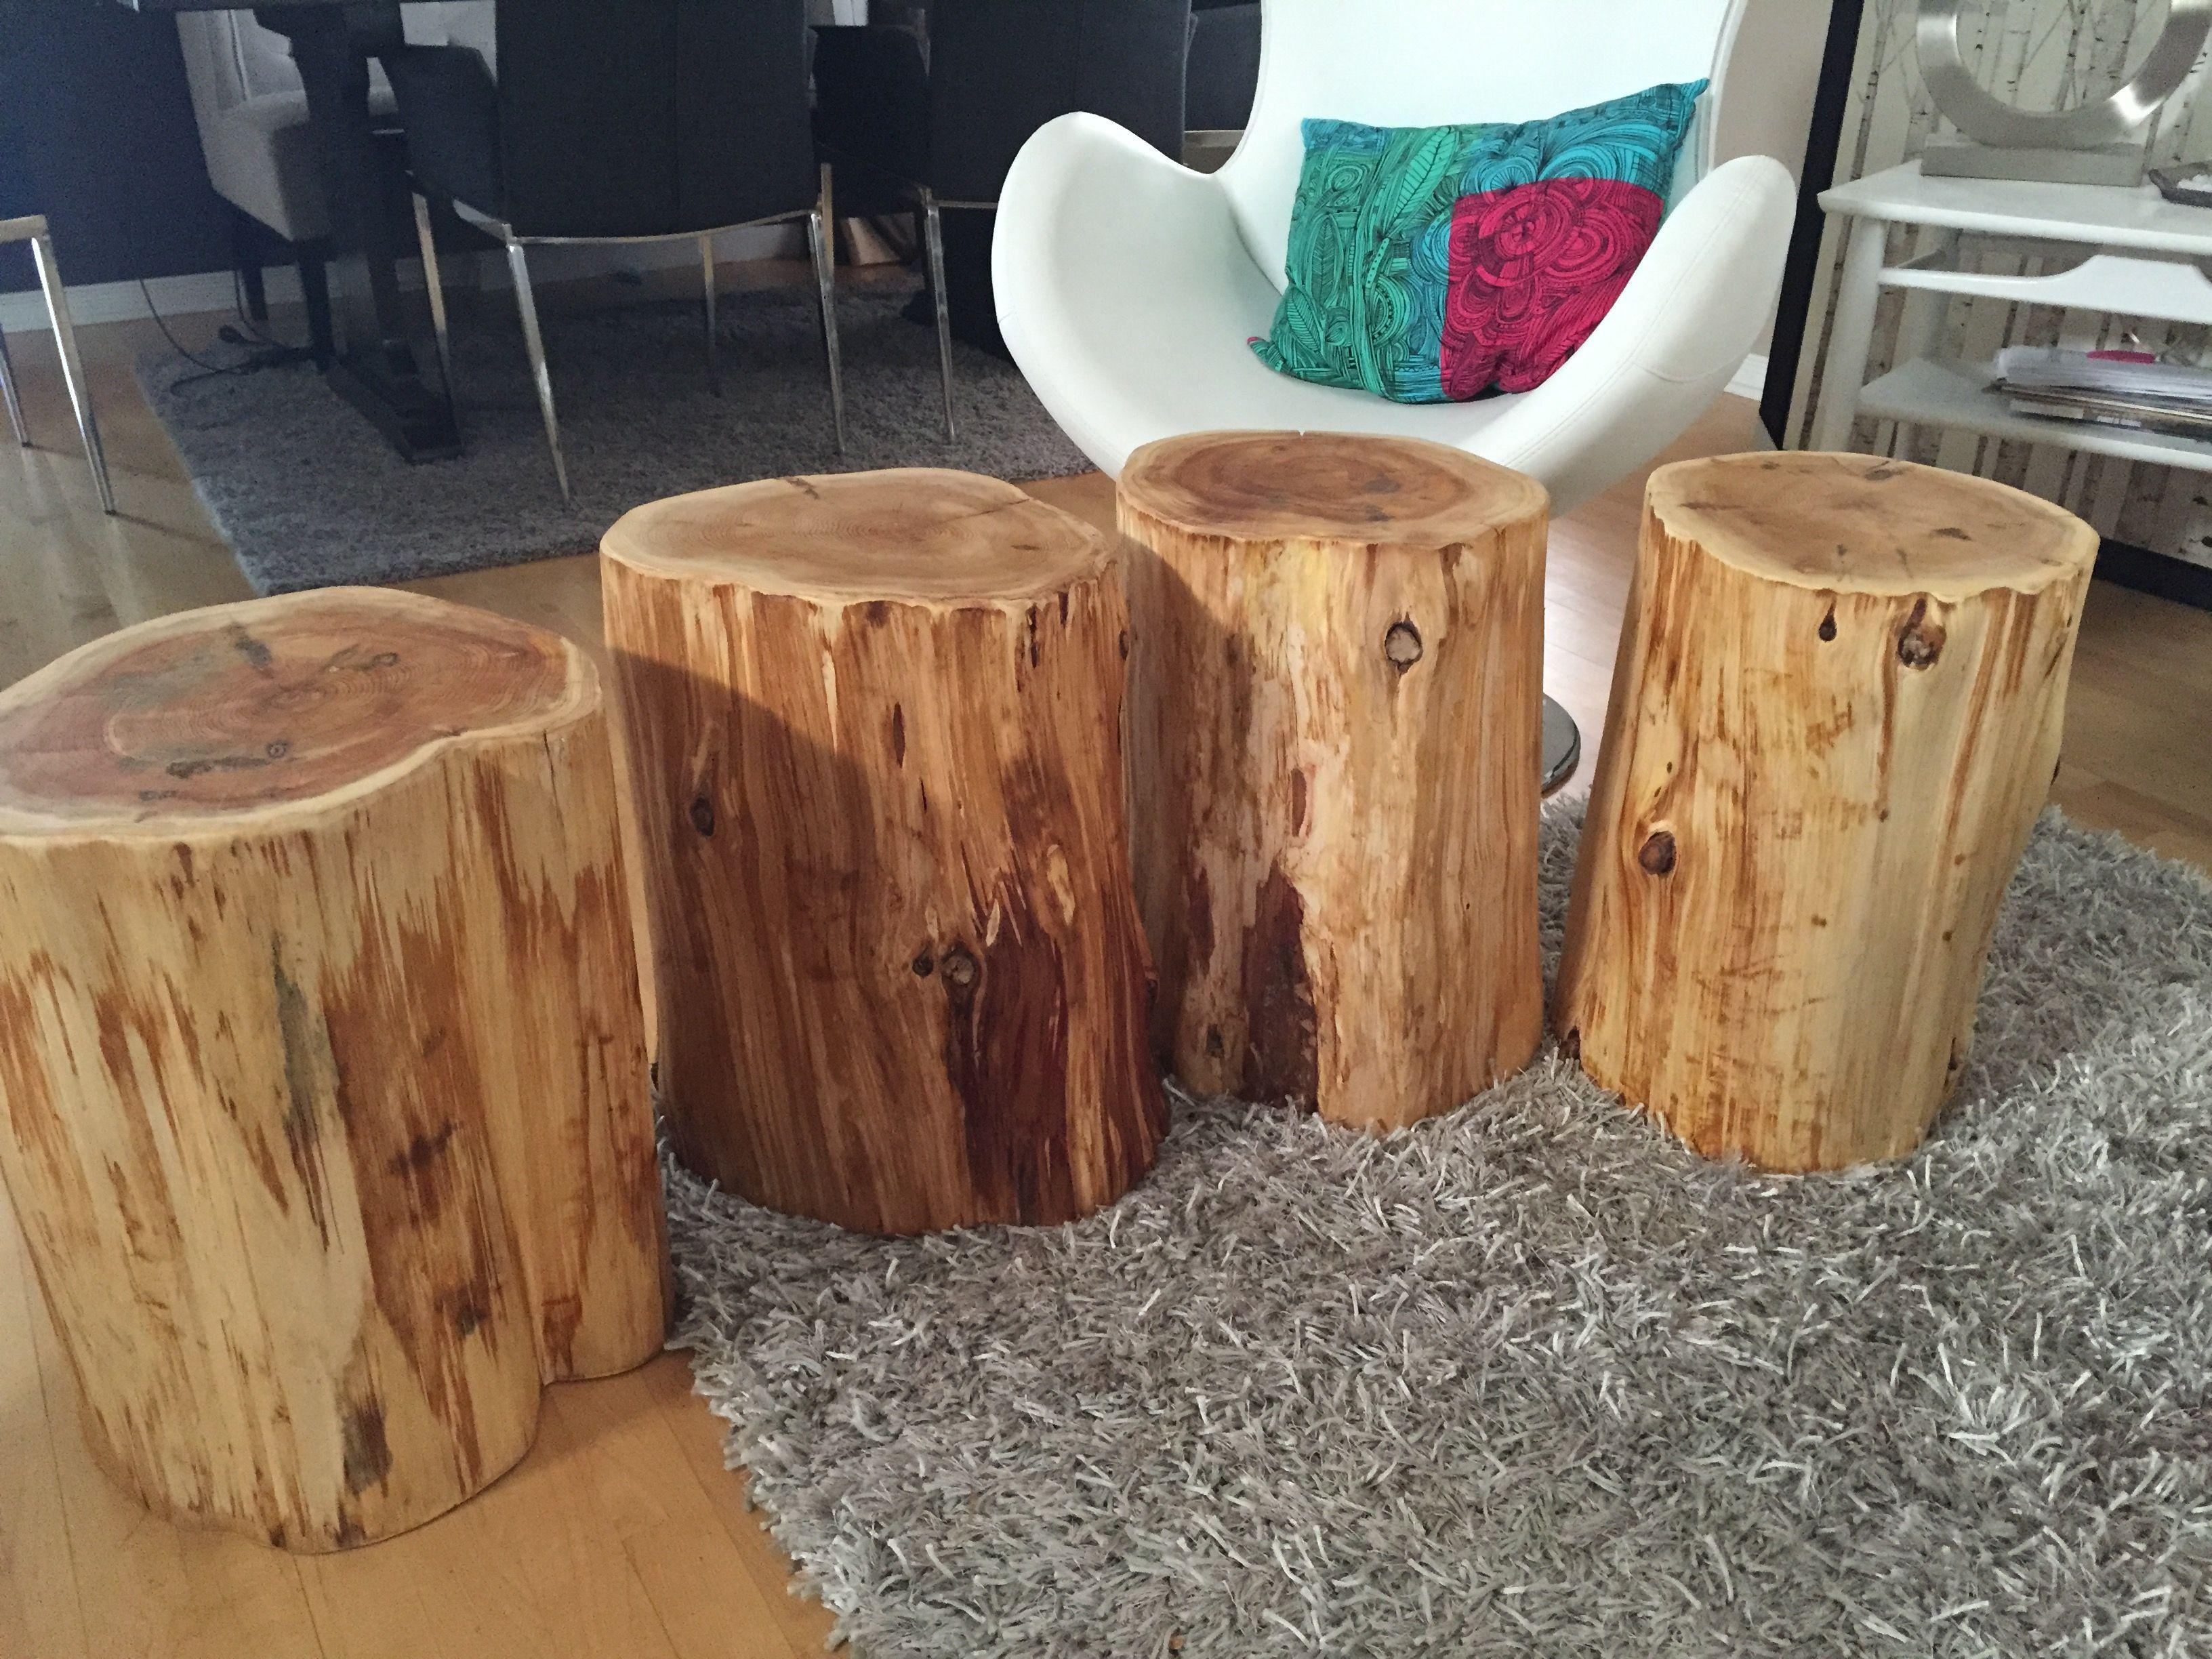 Grau Couchtisch Stump Möbel Baum Stamm Tisch Zypressen